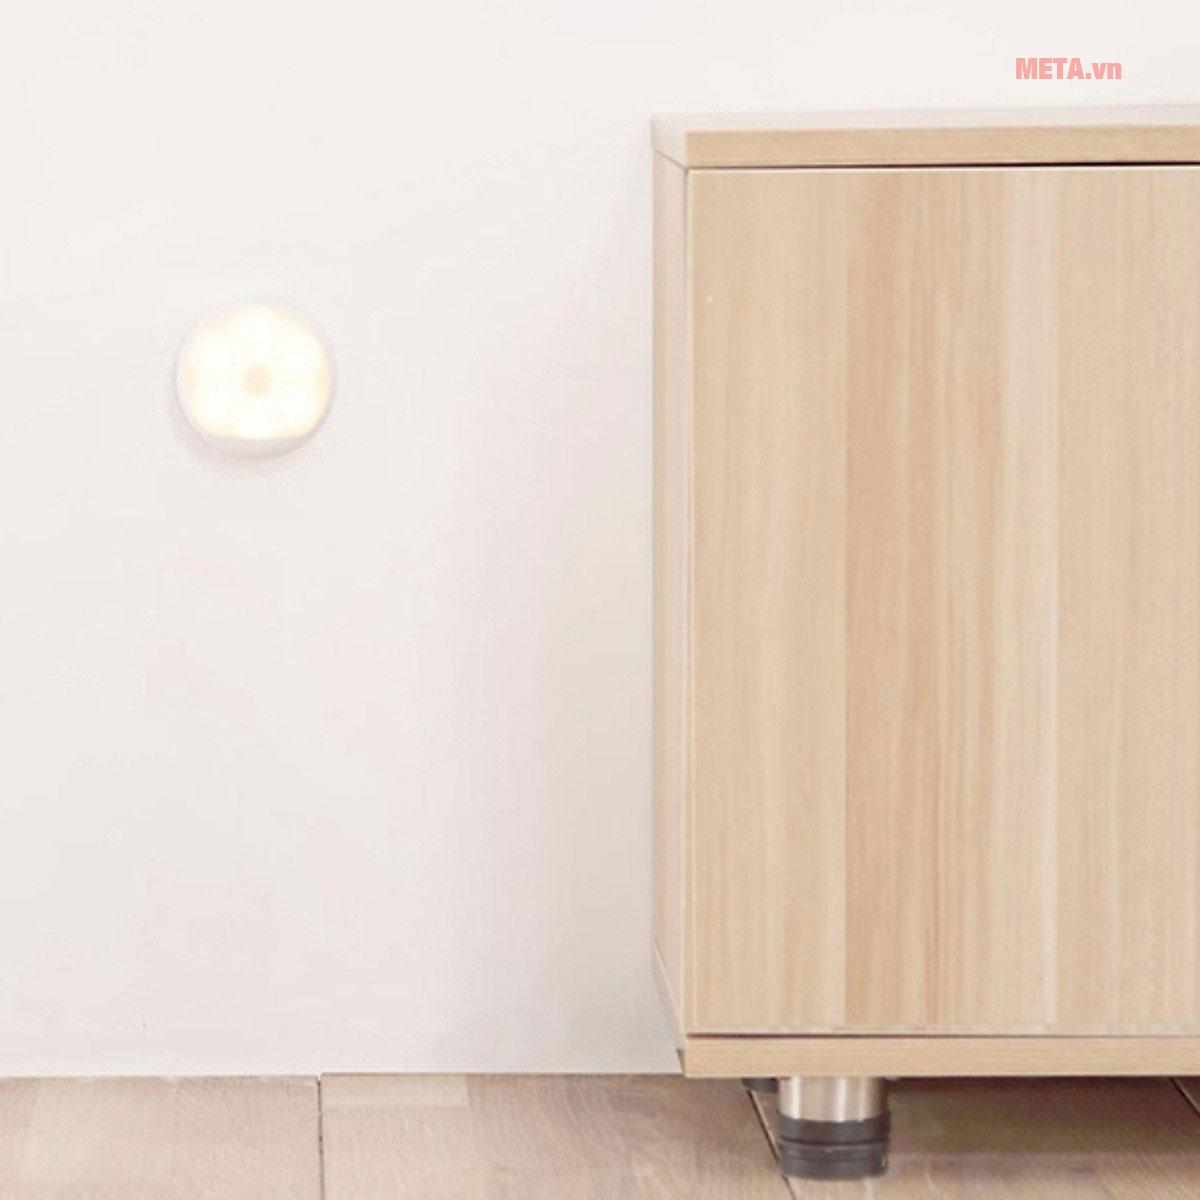 Đèn cảm ứng ban đêm Xiaomi Yeelight Rechargeable Night Light thanh lịch